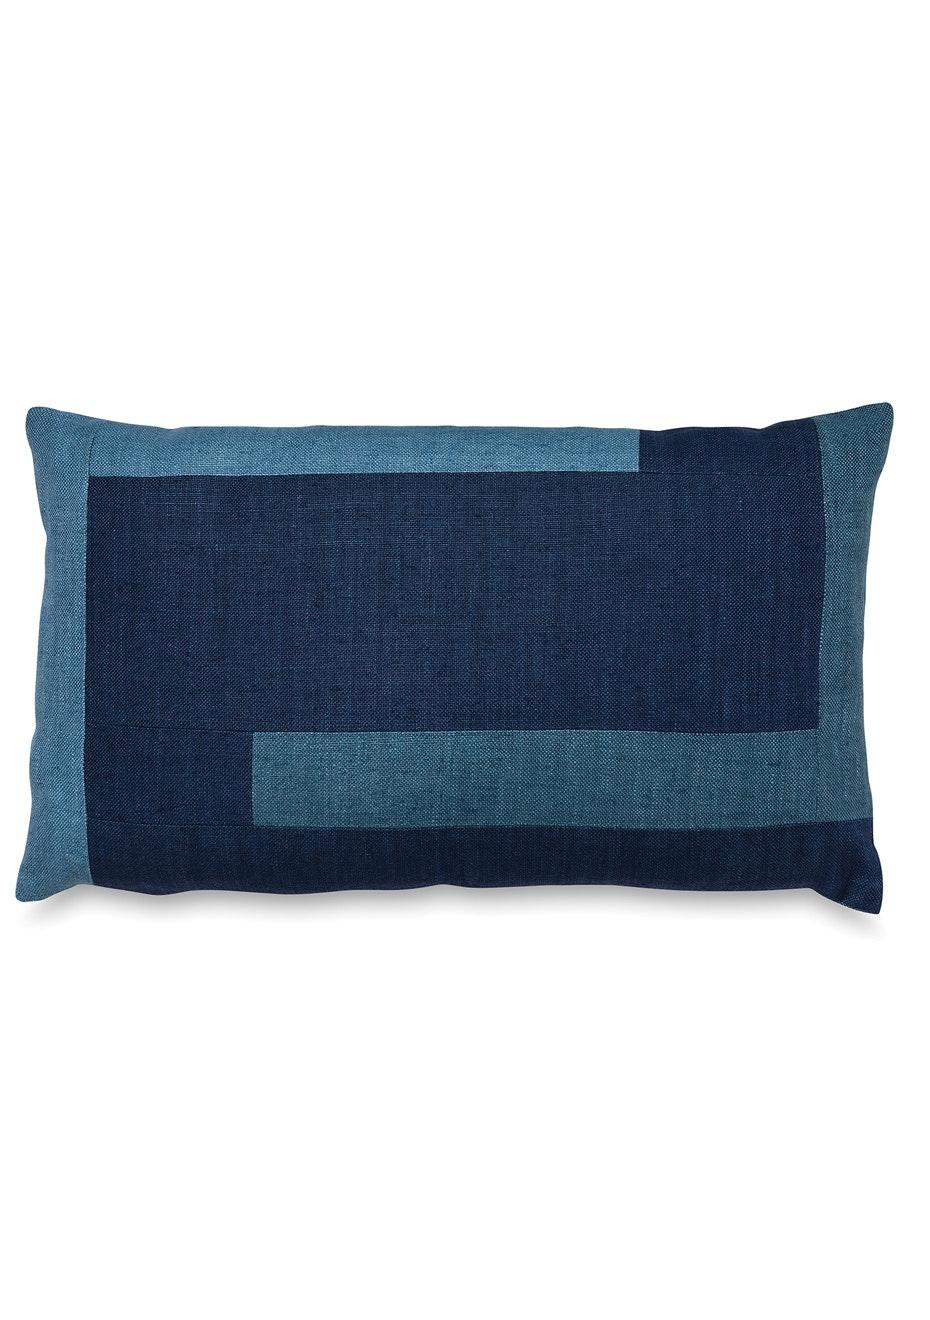 Città - Hamlin Patchwork Linen Cushion Cover